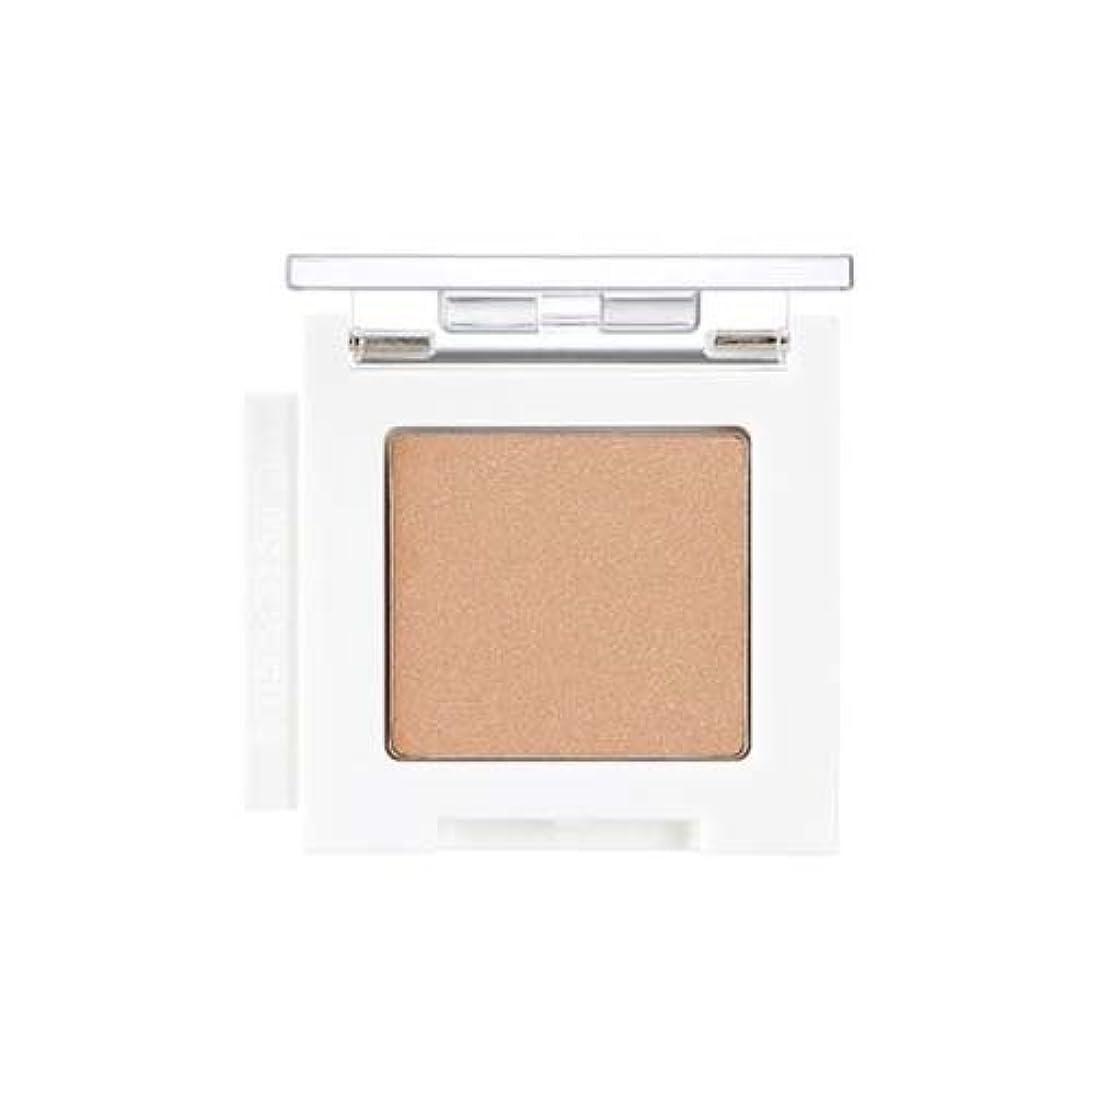 巻き戻す手首余裕がある[ザ?フェイスショップ] THE FACE SHOP [モノ キューブ アイシャドウ (シマ一) 23カラー] (Mono Cube Eyeshadow (Shimmer) 2.0g - 23 shades) [海外直送品...